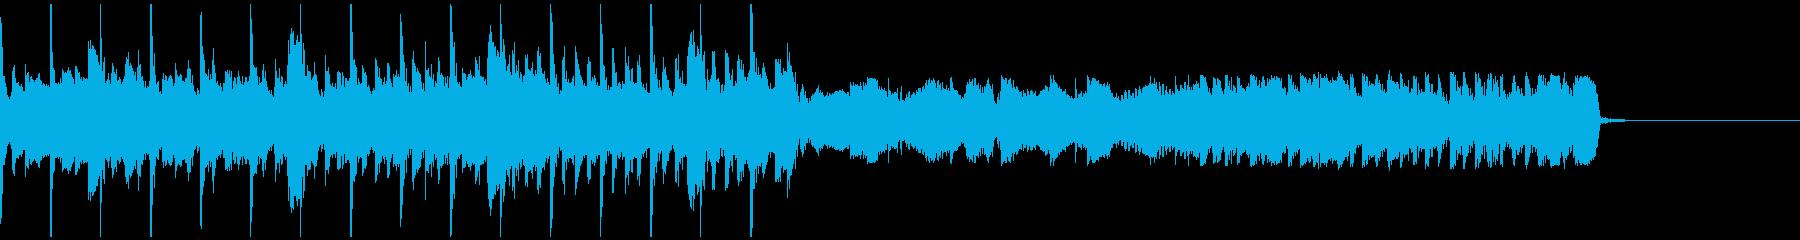 シングル 和を感じる自然ビートの再生済みの波形